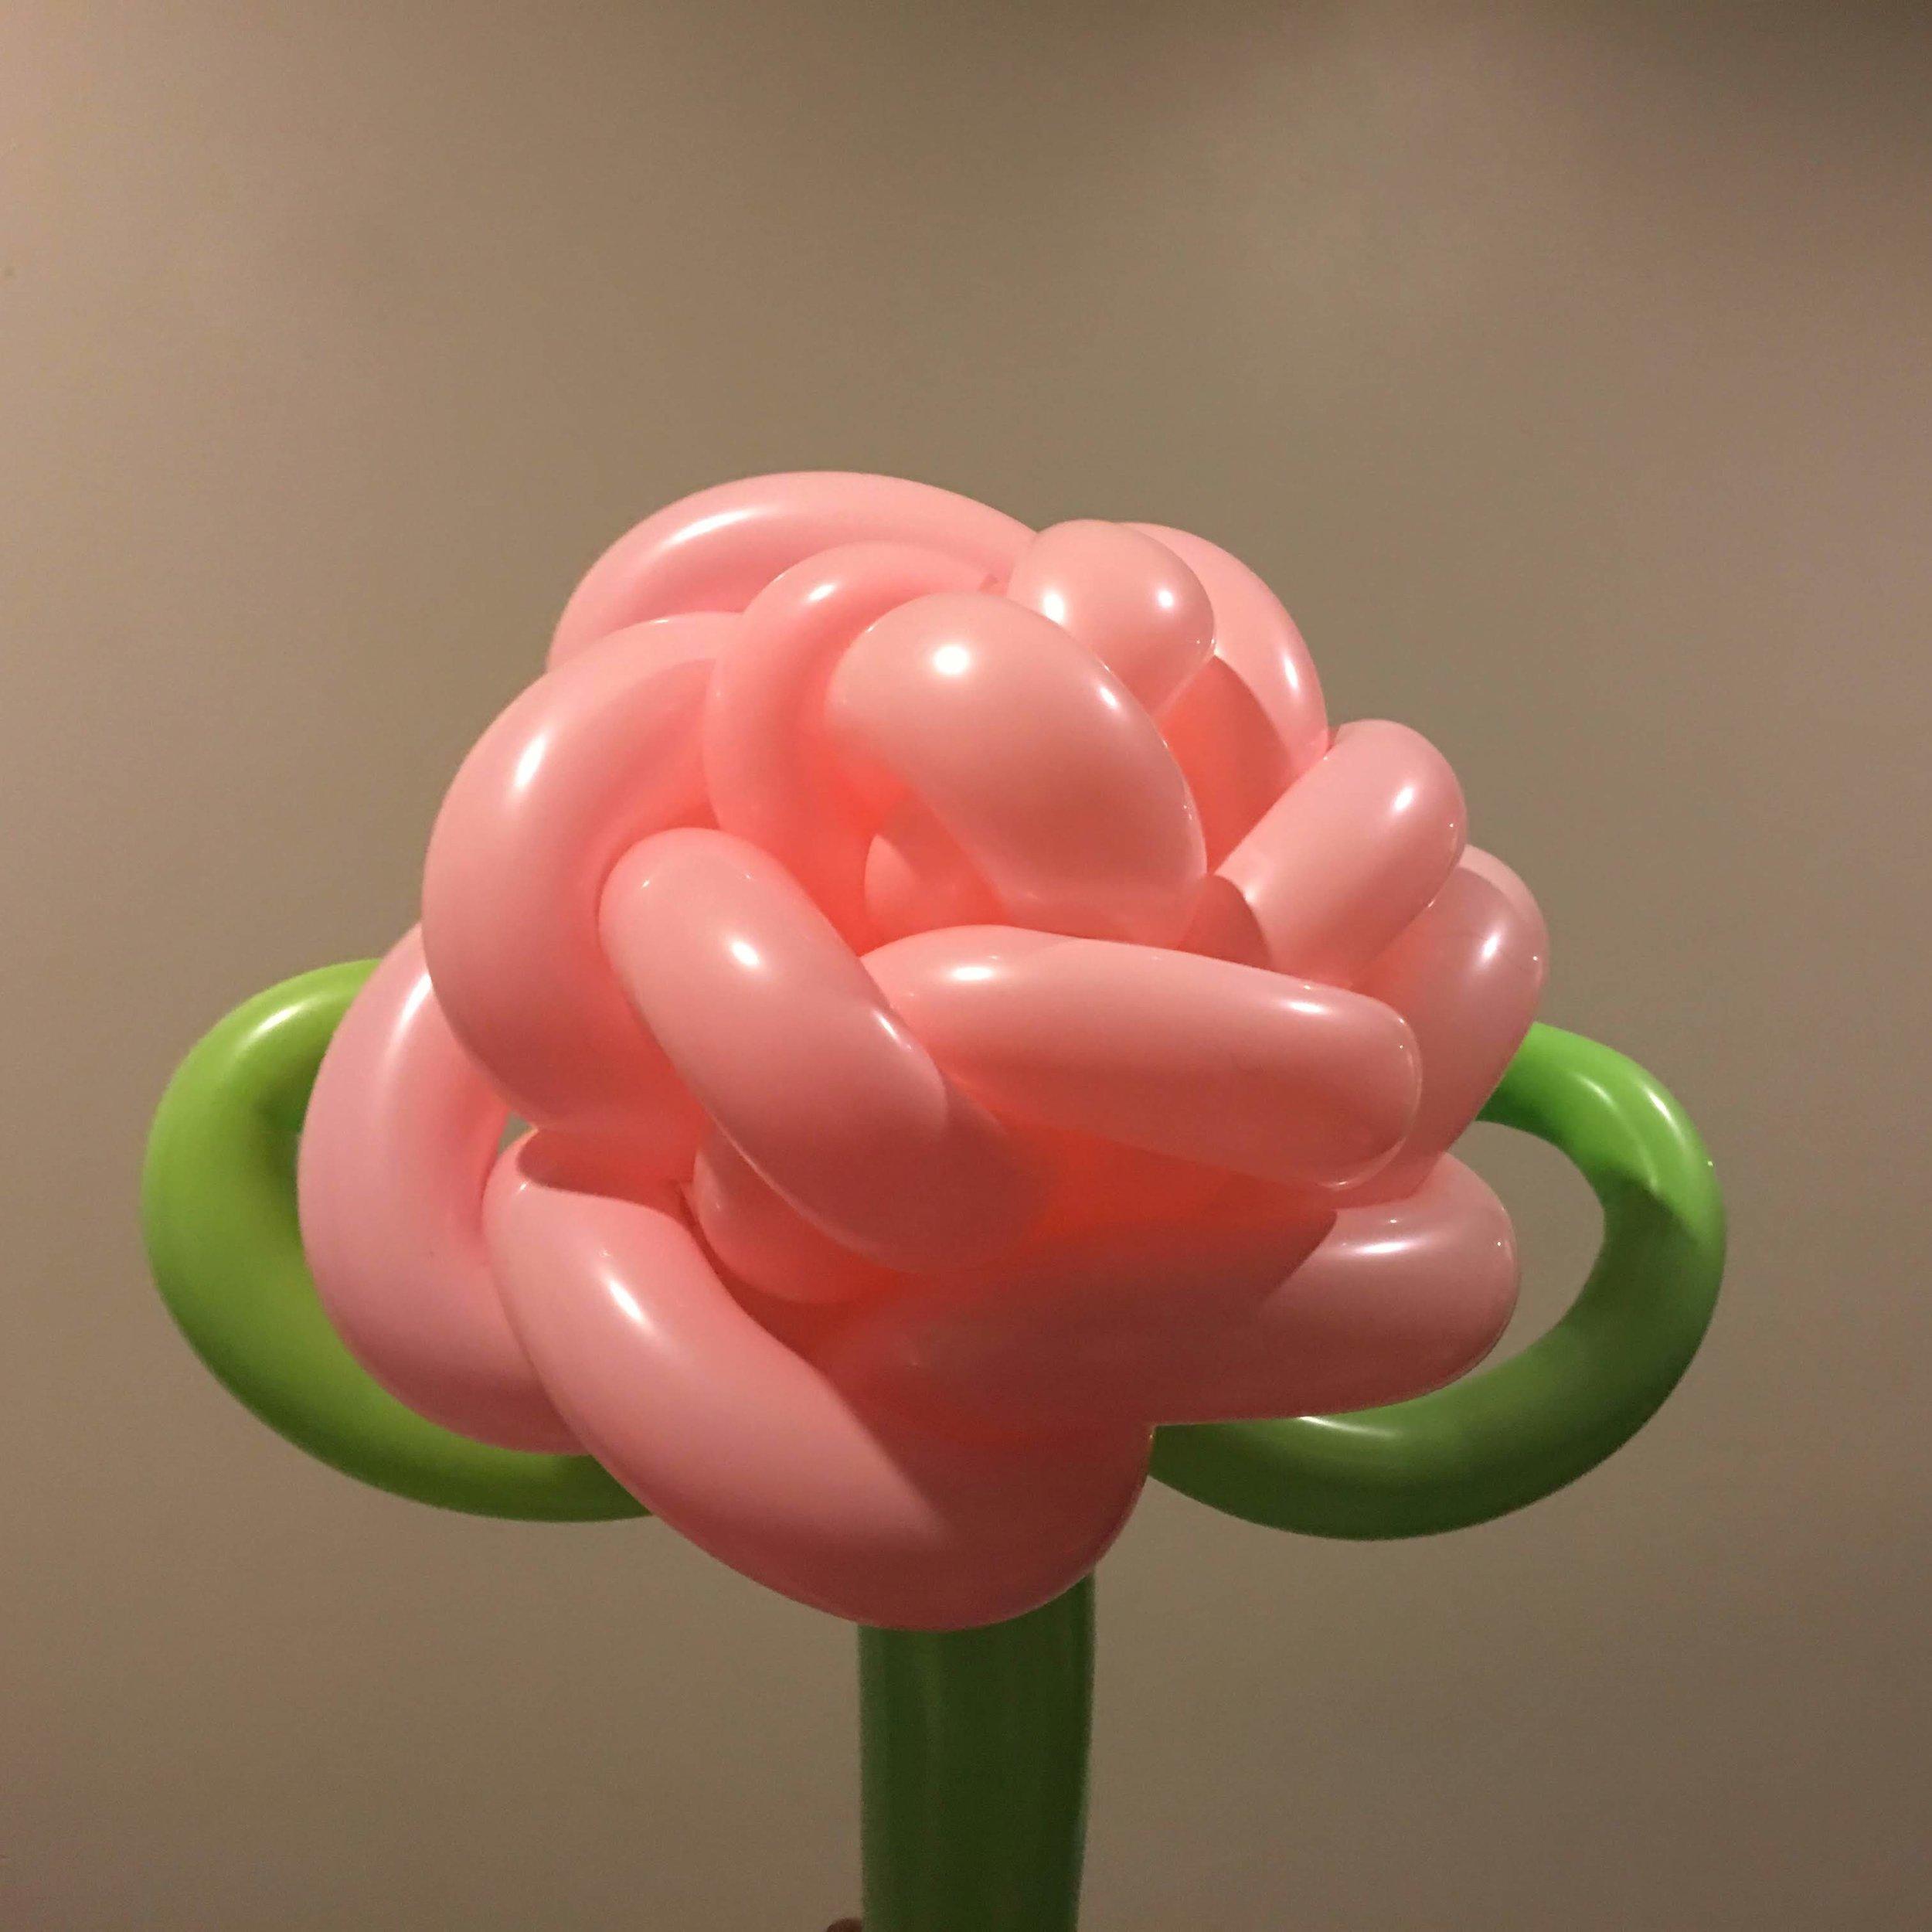 Indiv. Super Premium Rose.jpg